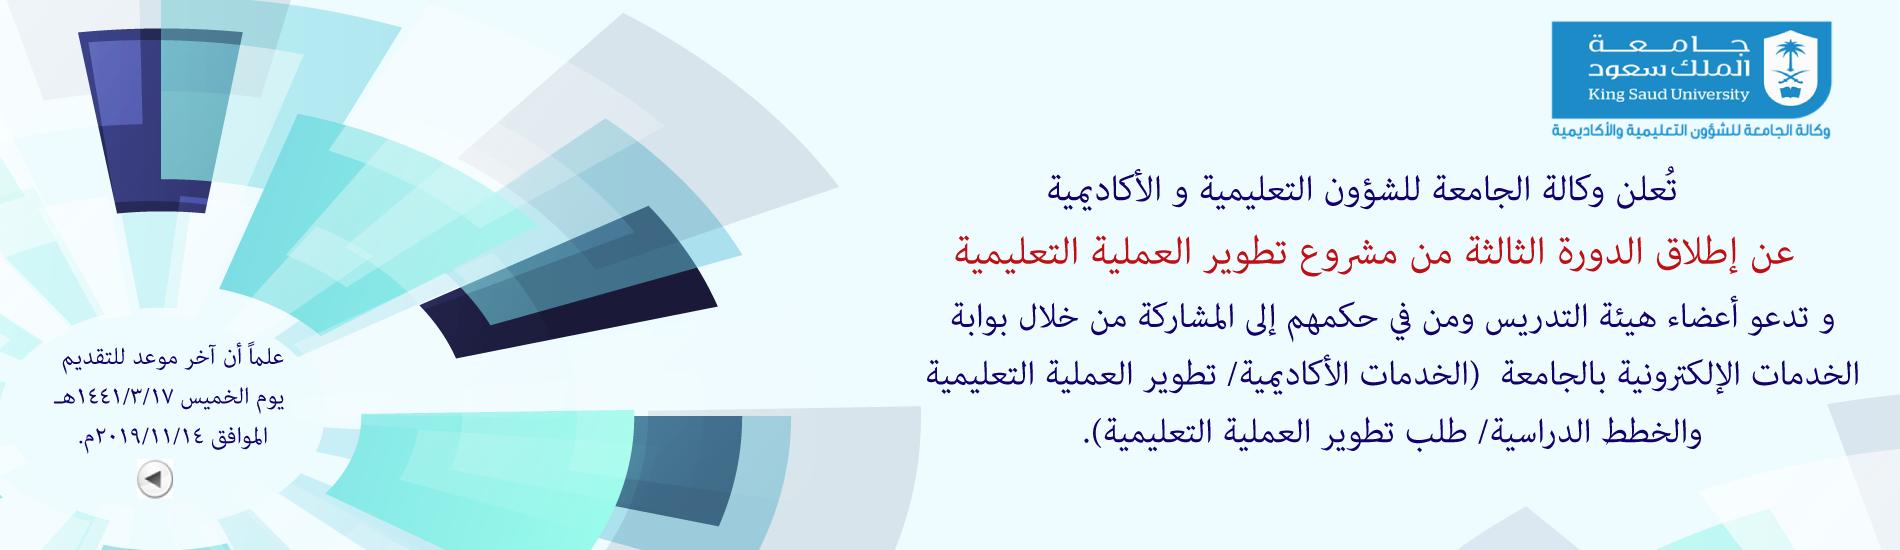 مشروع تطوير العملية التعليمية... - يهدف المشروع إلى تطوير العملية...